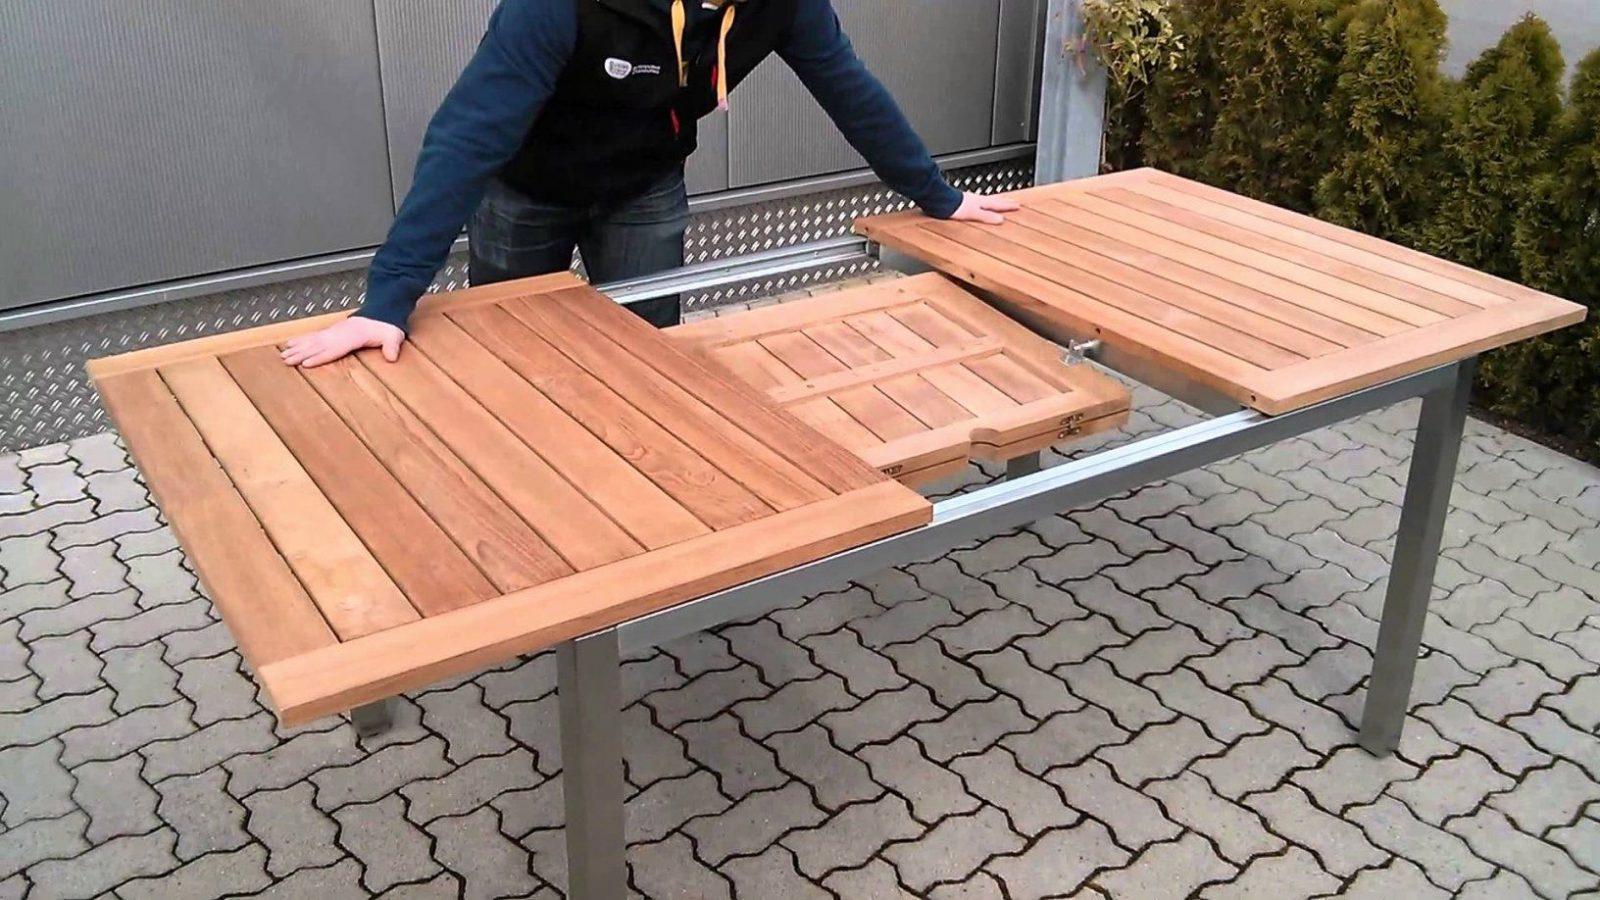 Luxus Gartentisch Ausziehbar Alu  Badgestaltungfliesen von Gartentisch Ausziehbar Alu Holz Bild